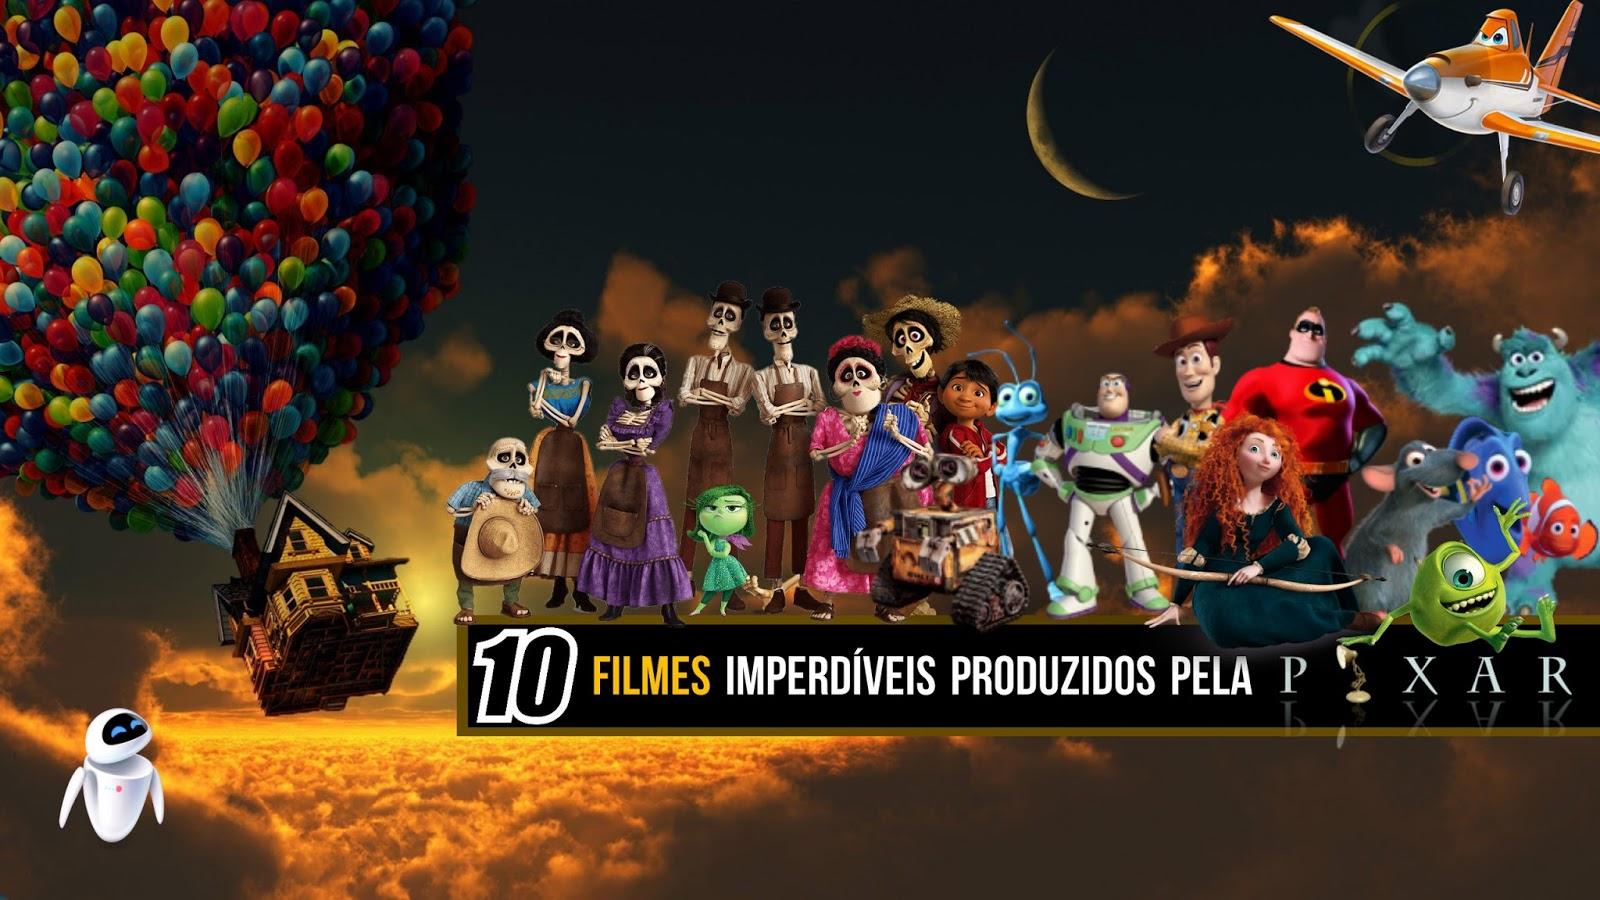 10 Filmes Imperdiveis Produzidos Pela Pixar Tudo Sobre Seu Filme